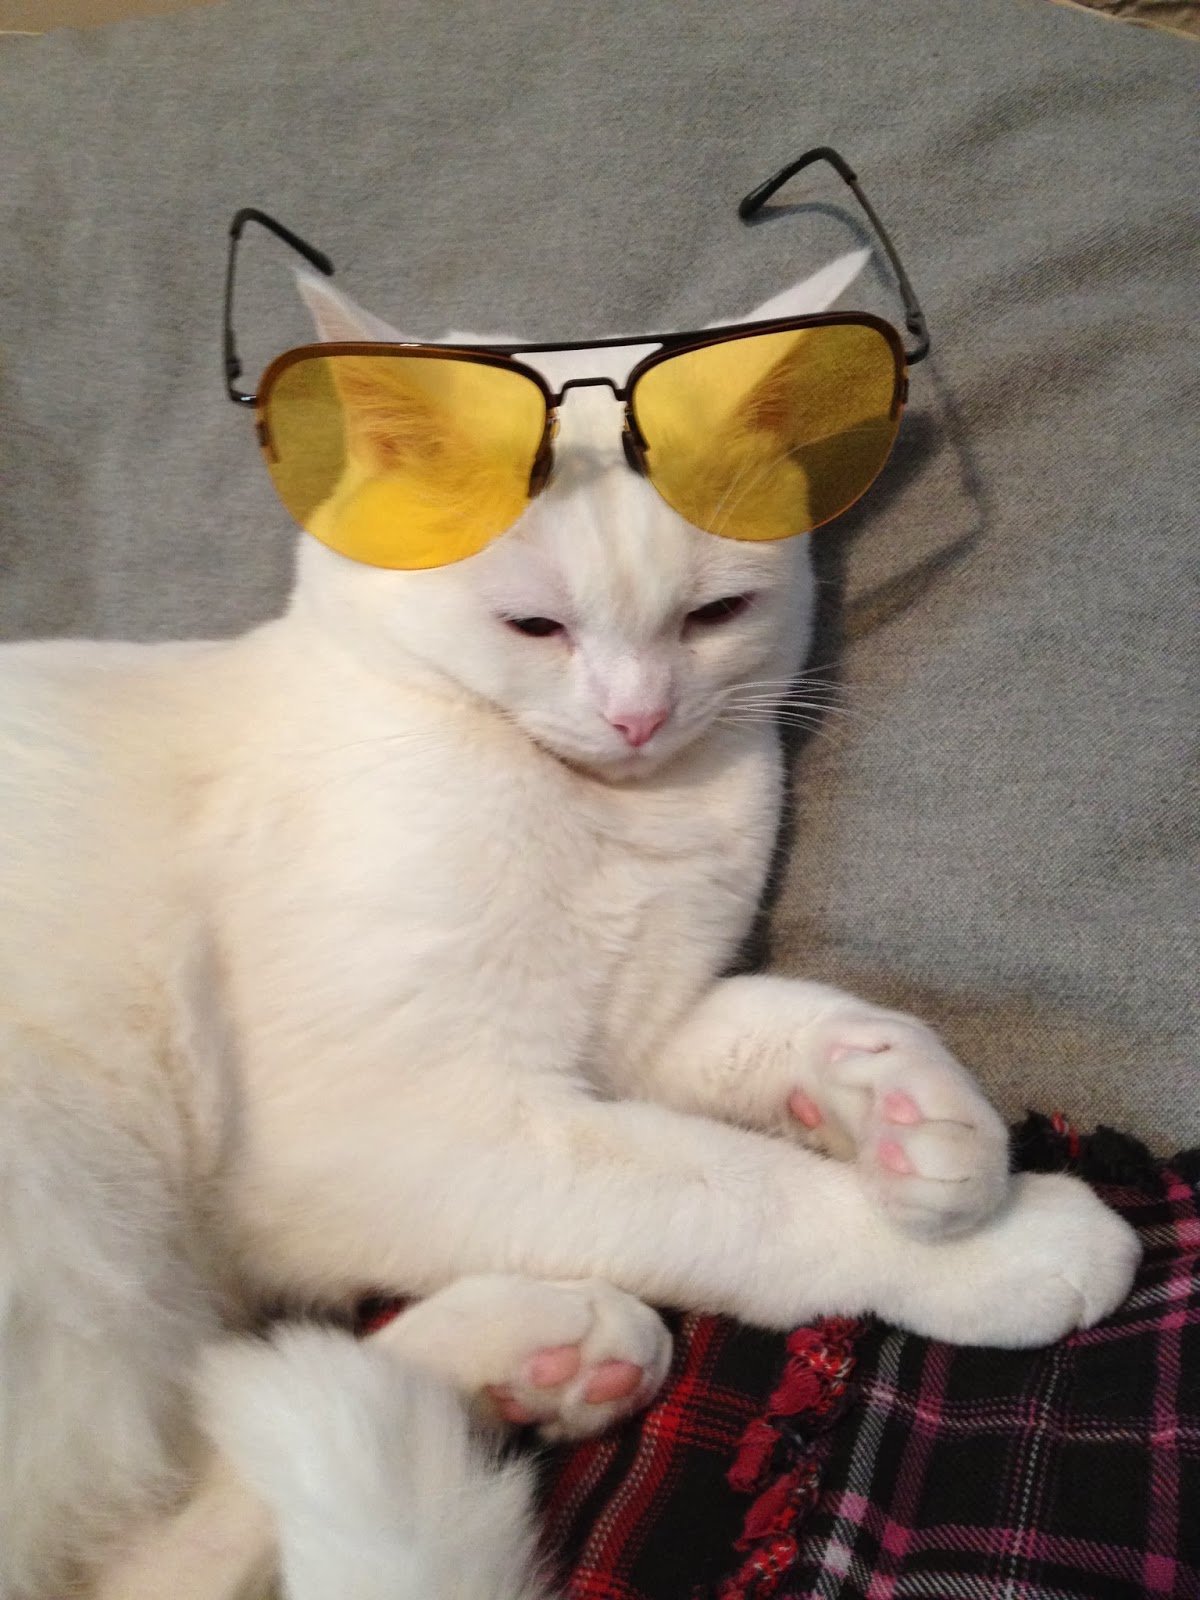 http://www.huffingtonpost.com/leslie-goshko/5-reasons-kitten-proves-h_b_4590319.html?utm_hp_ref=comedy&ir=Comedy